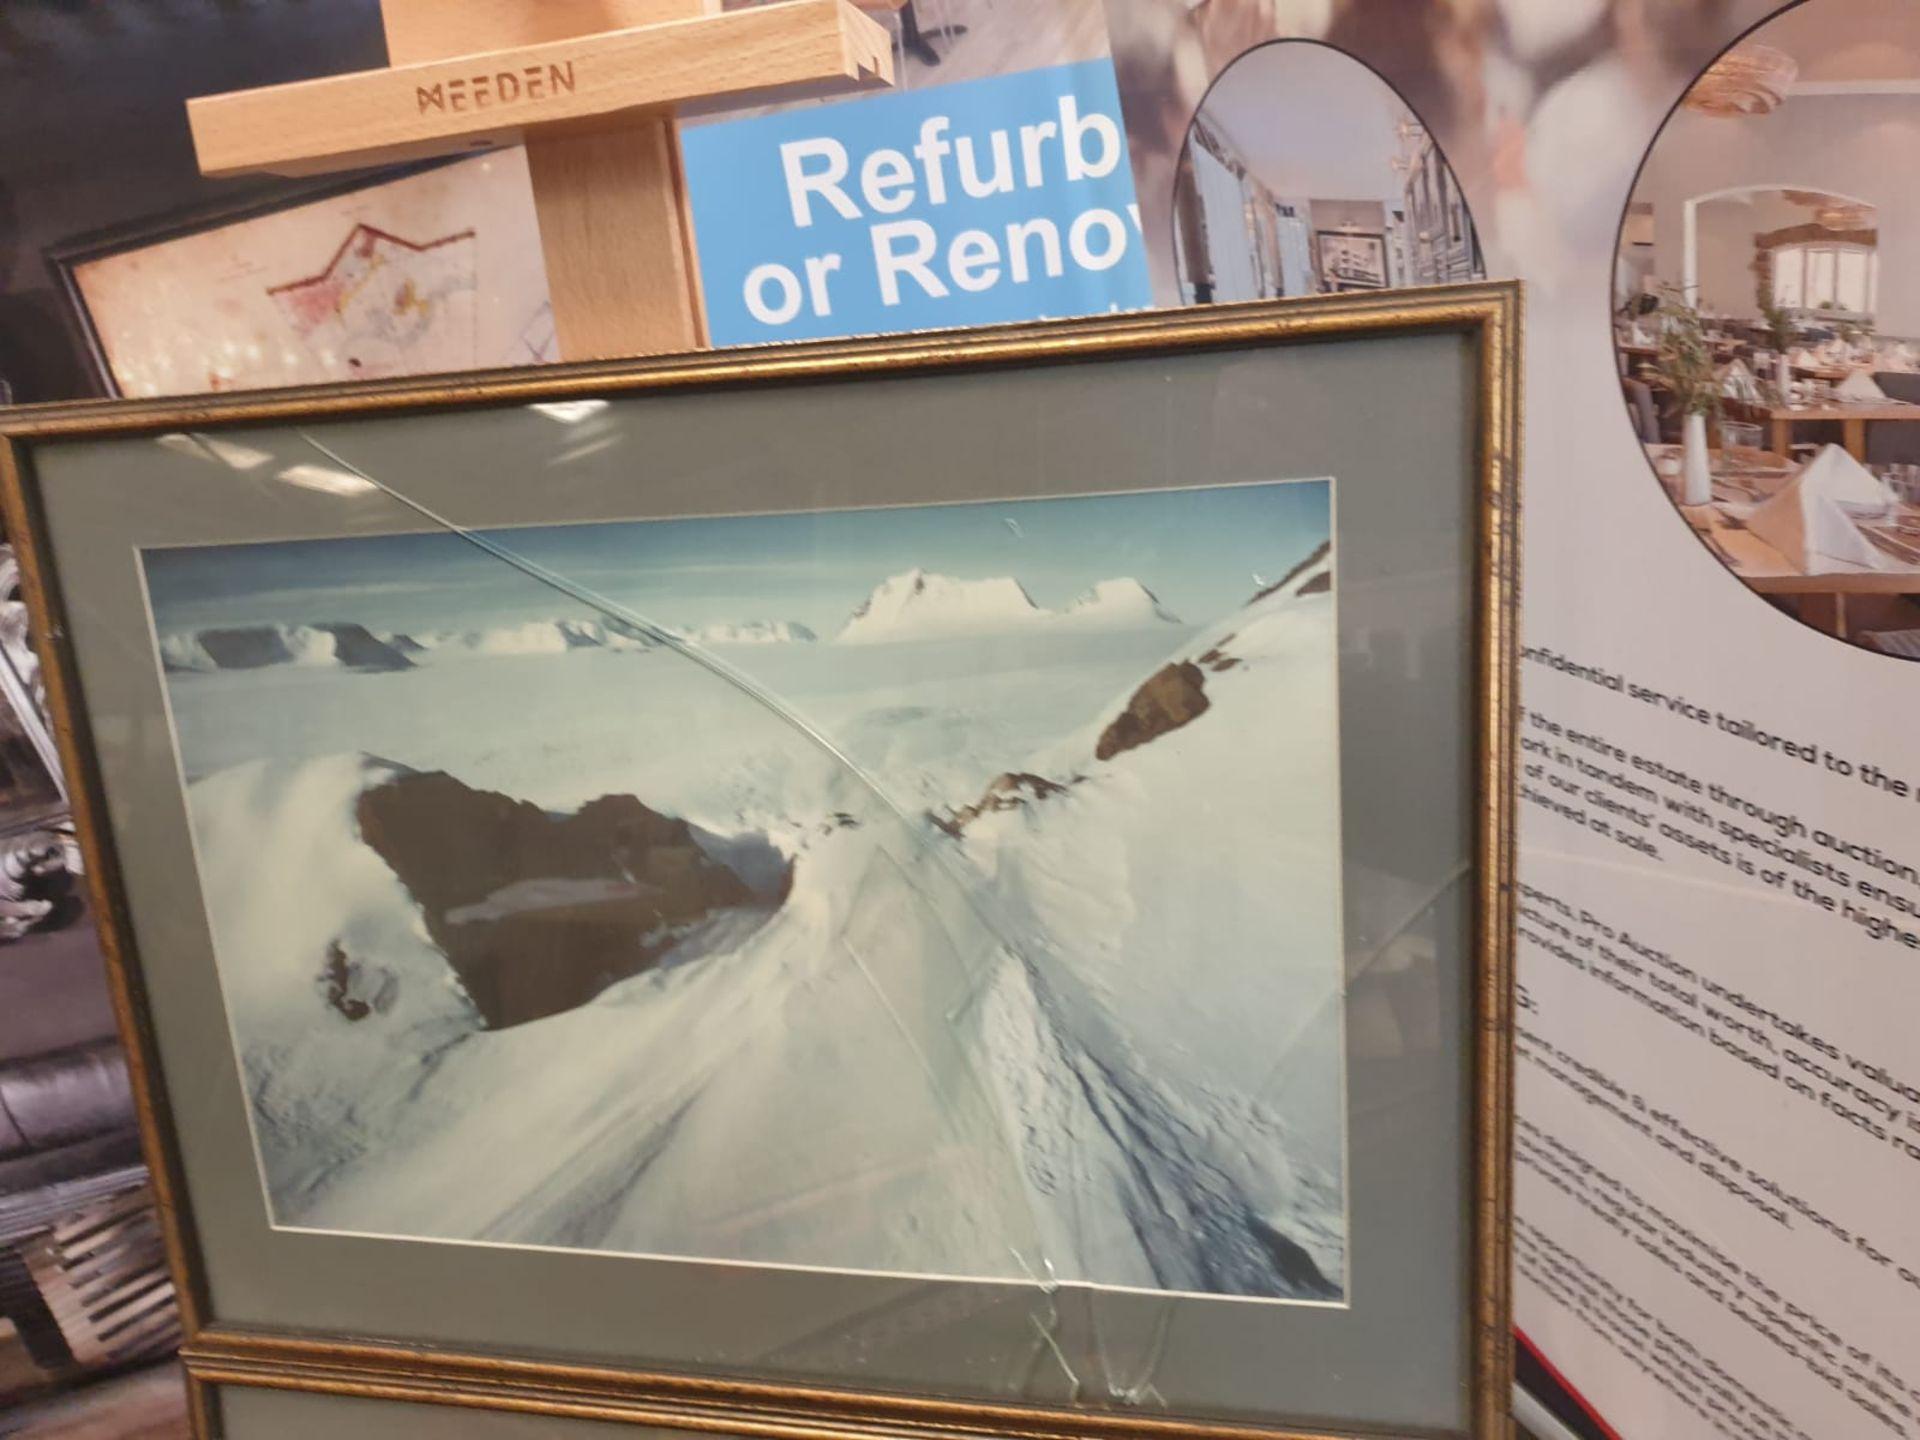 A set of 2 framed modern landscape picrures in frame 56 x 40cm - Image 5 of 5